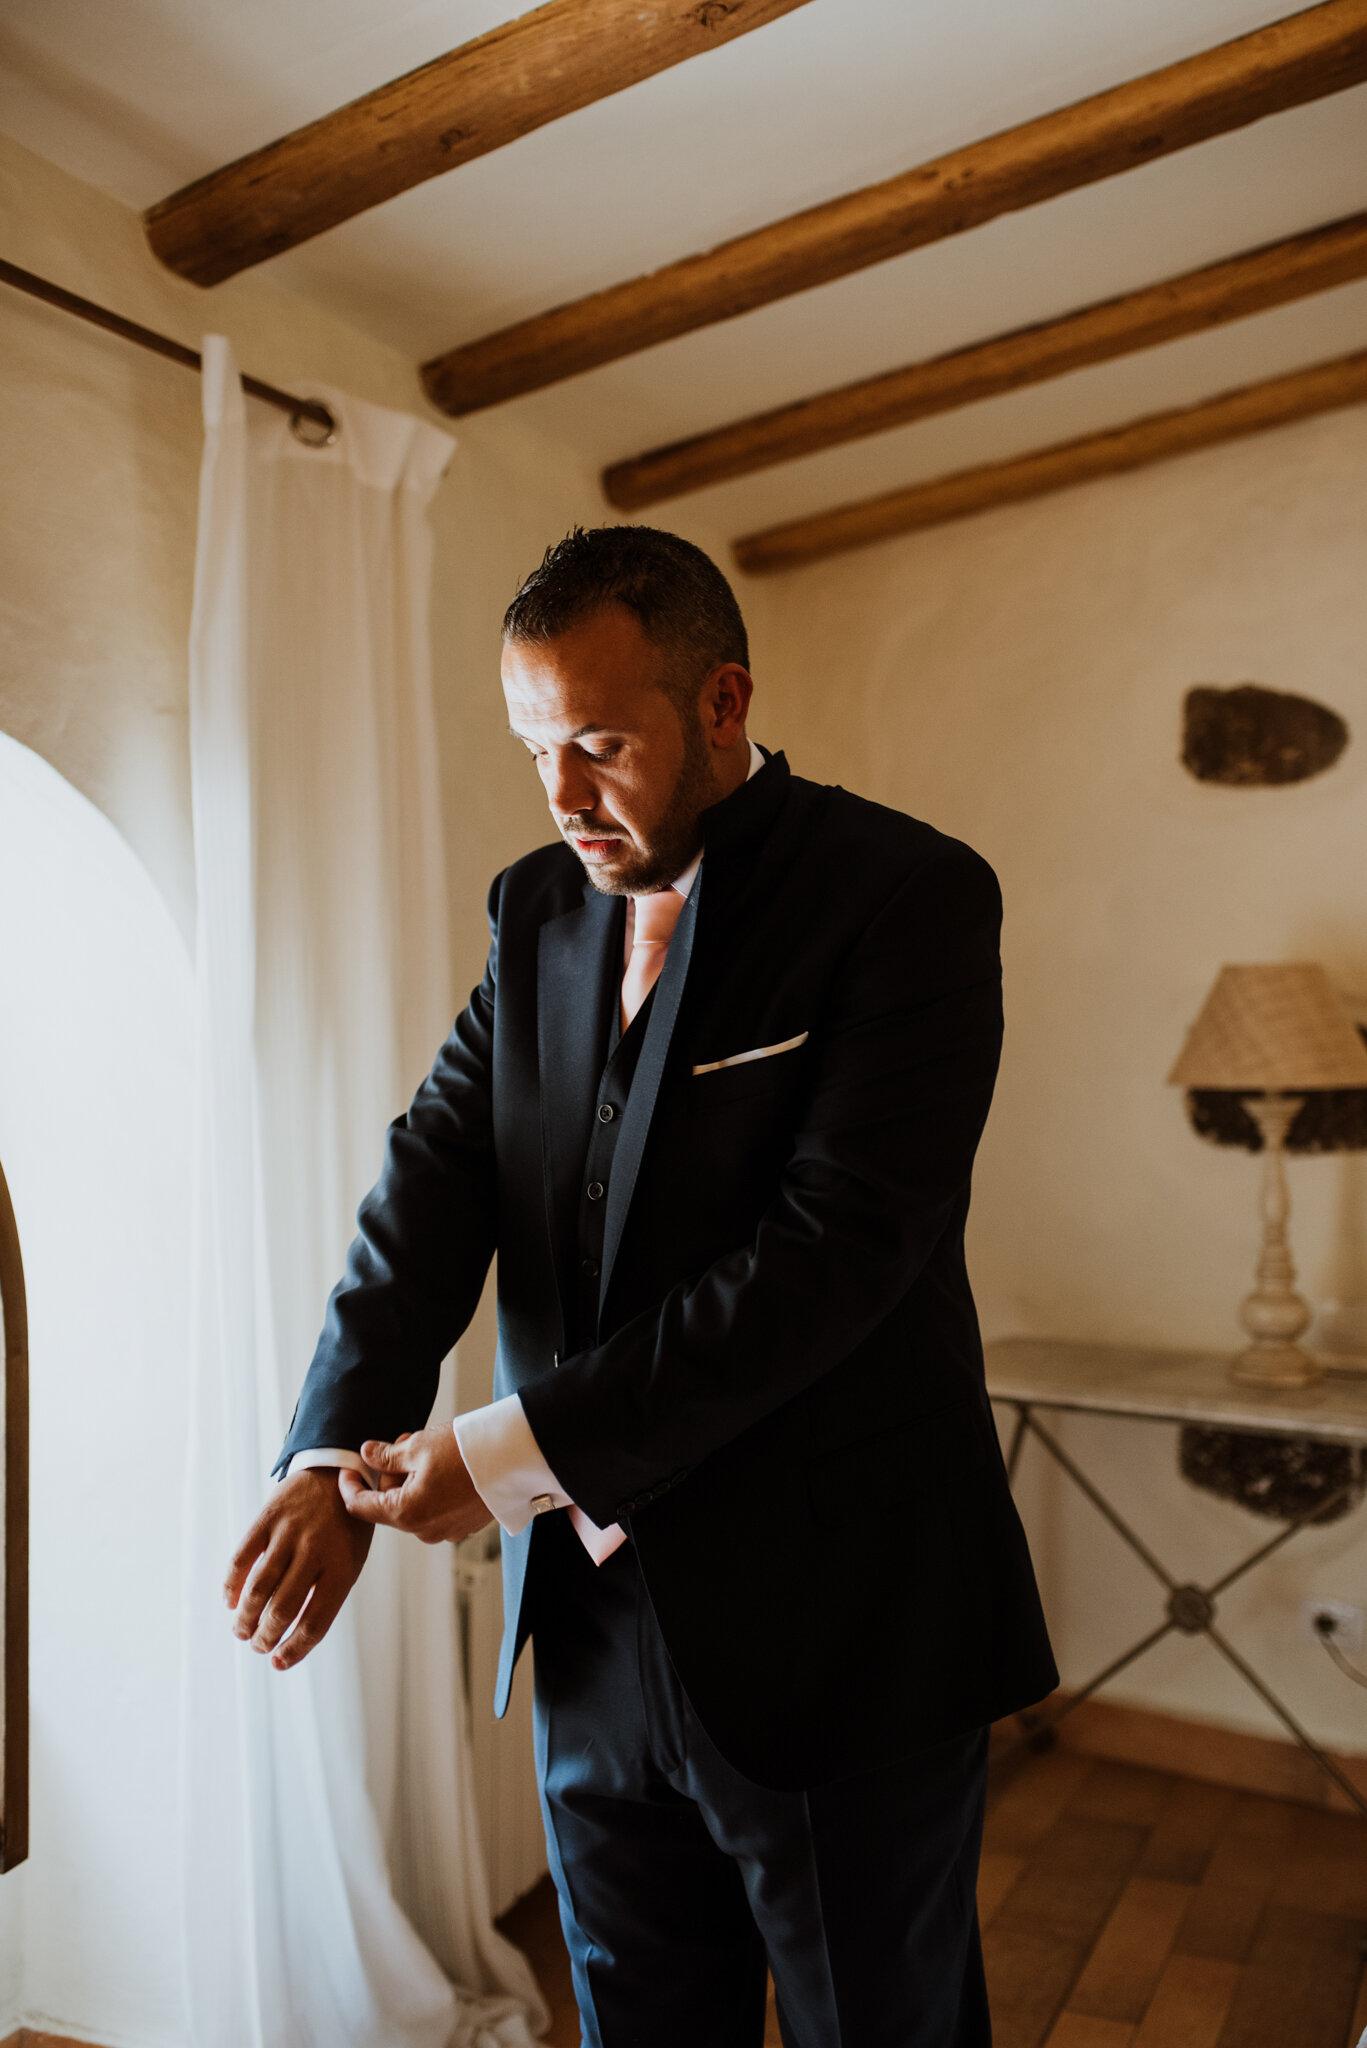 fotografo de bodas las palmas_-17.jpg